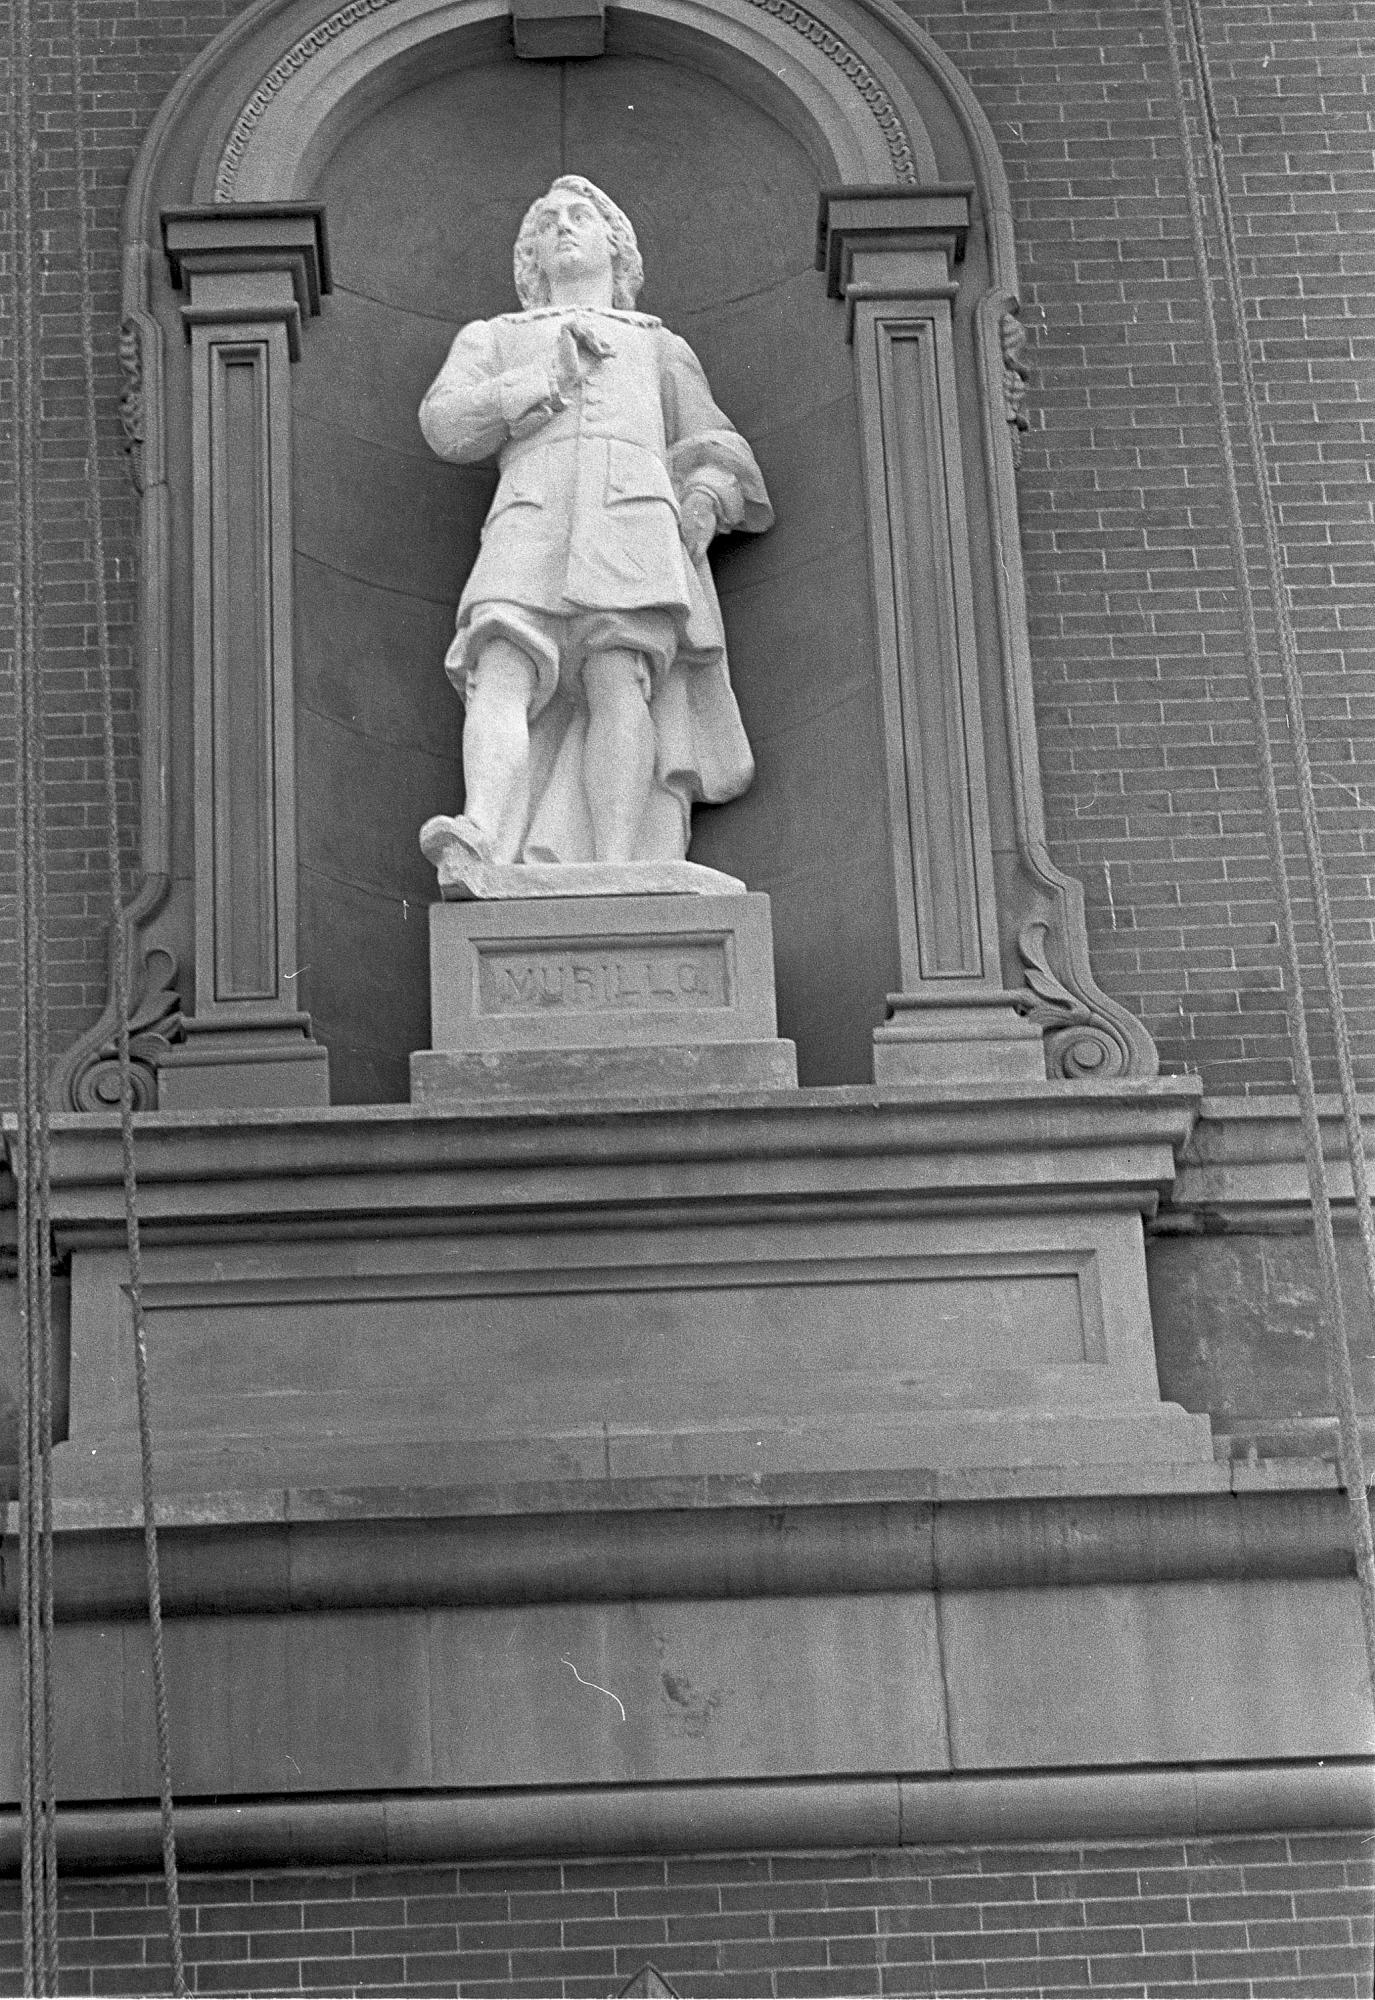 Placing statue of Murillo at RGA